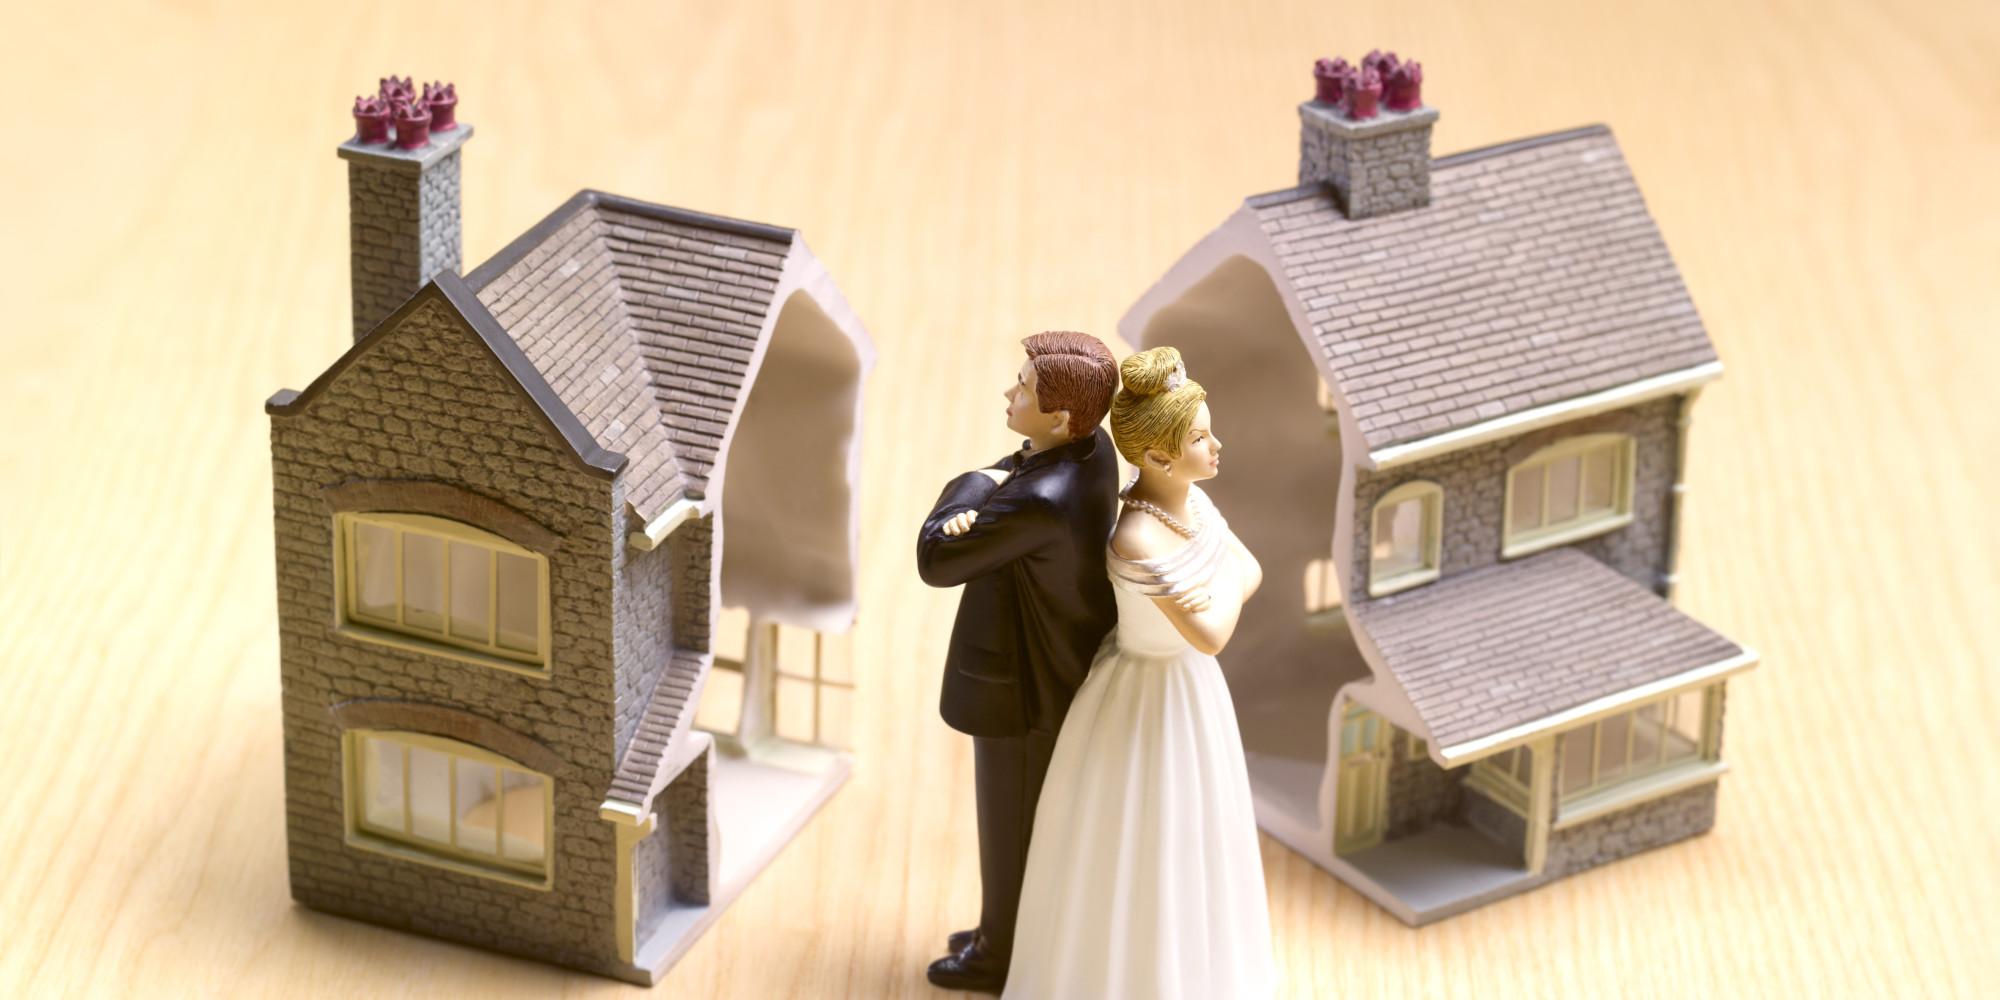 Đơn phương ly hôn thì hòa giải tối đa bao nhiêu lần?